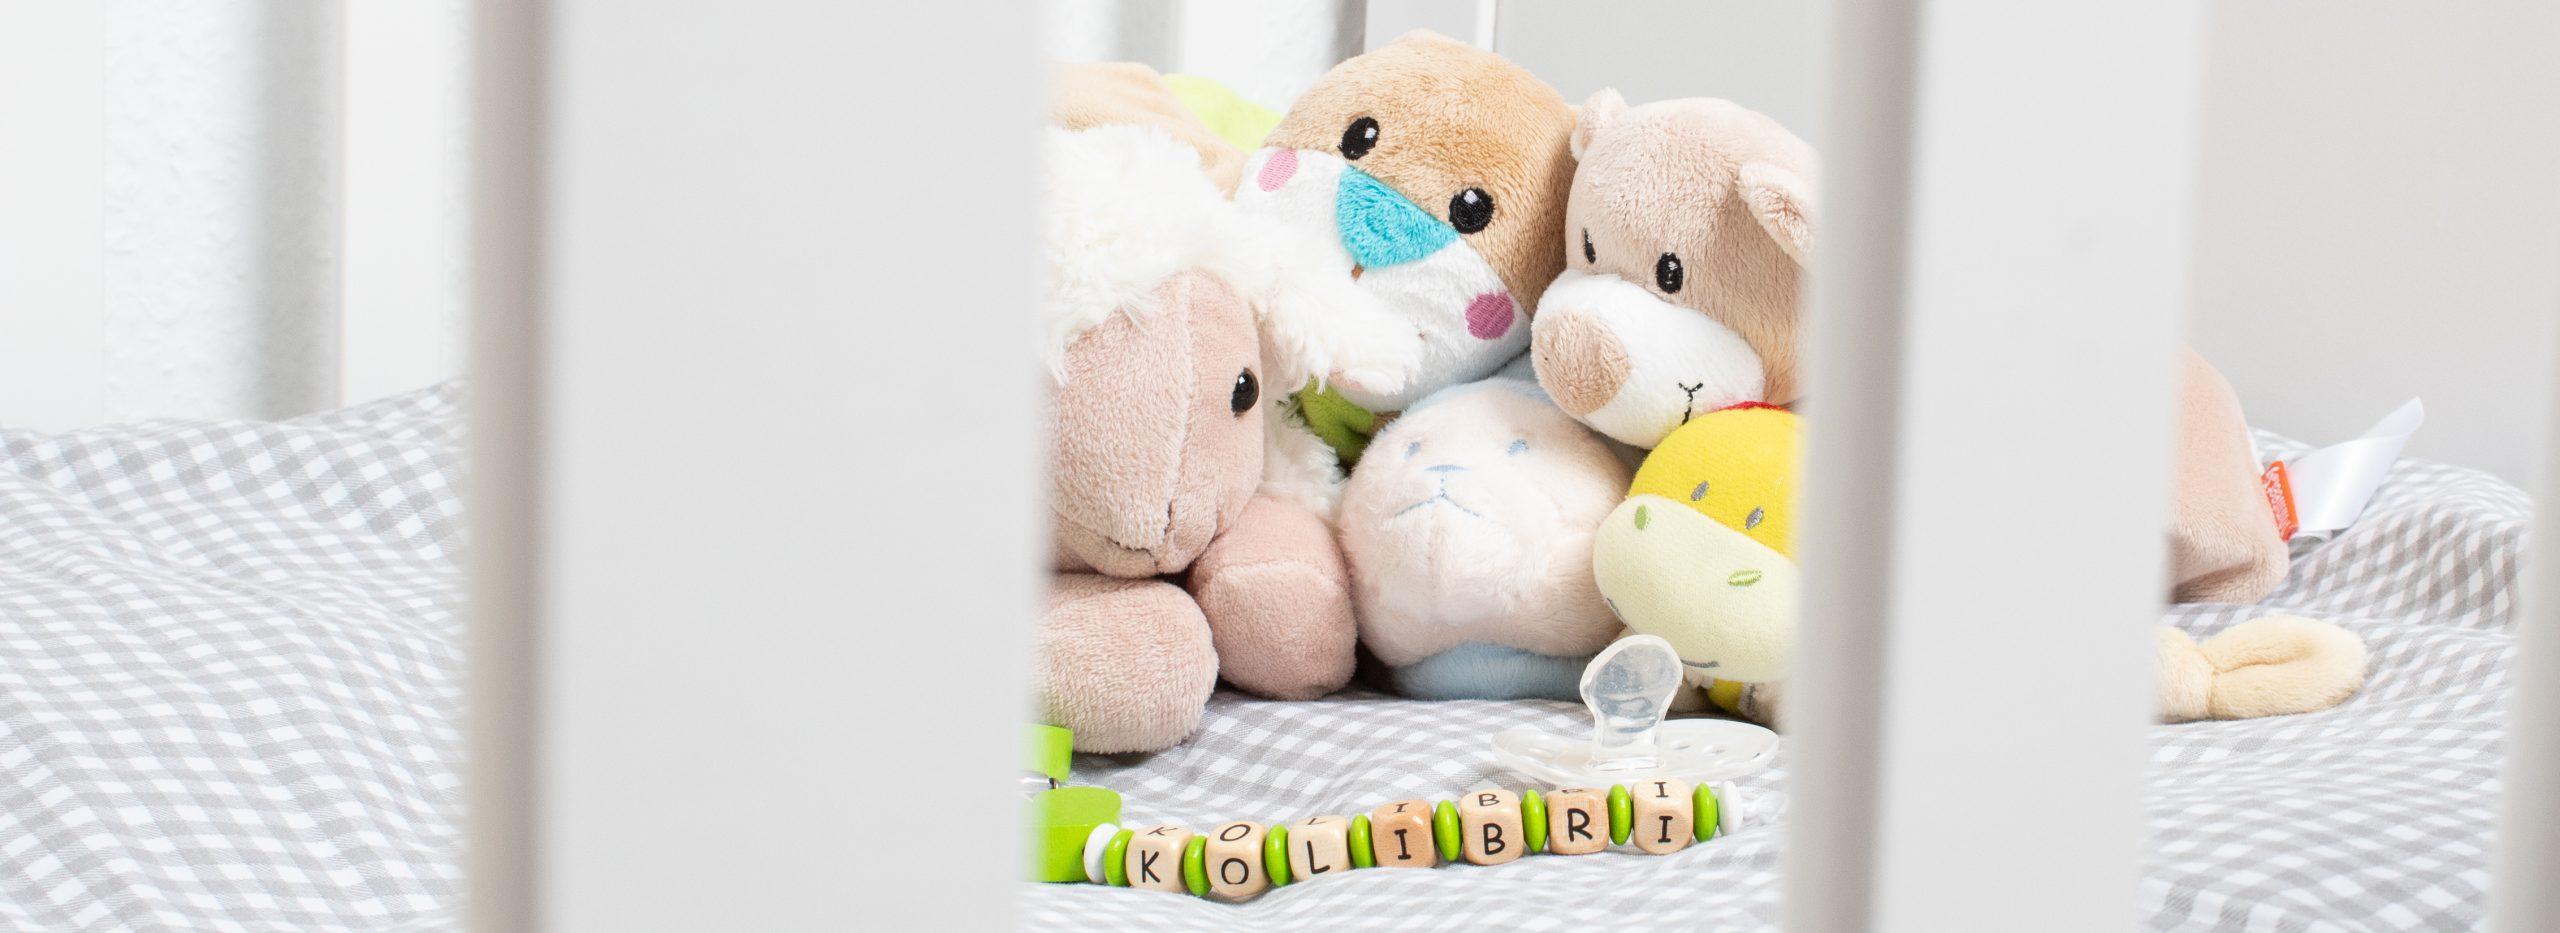 KOLIBRI Babyartikel - Webshop